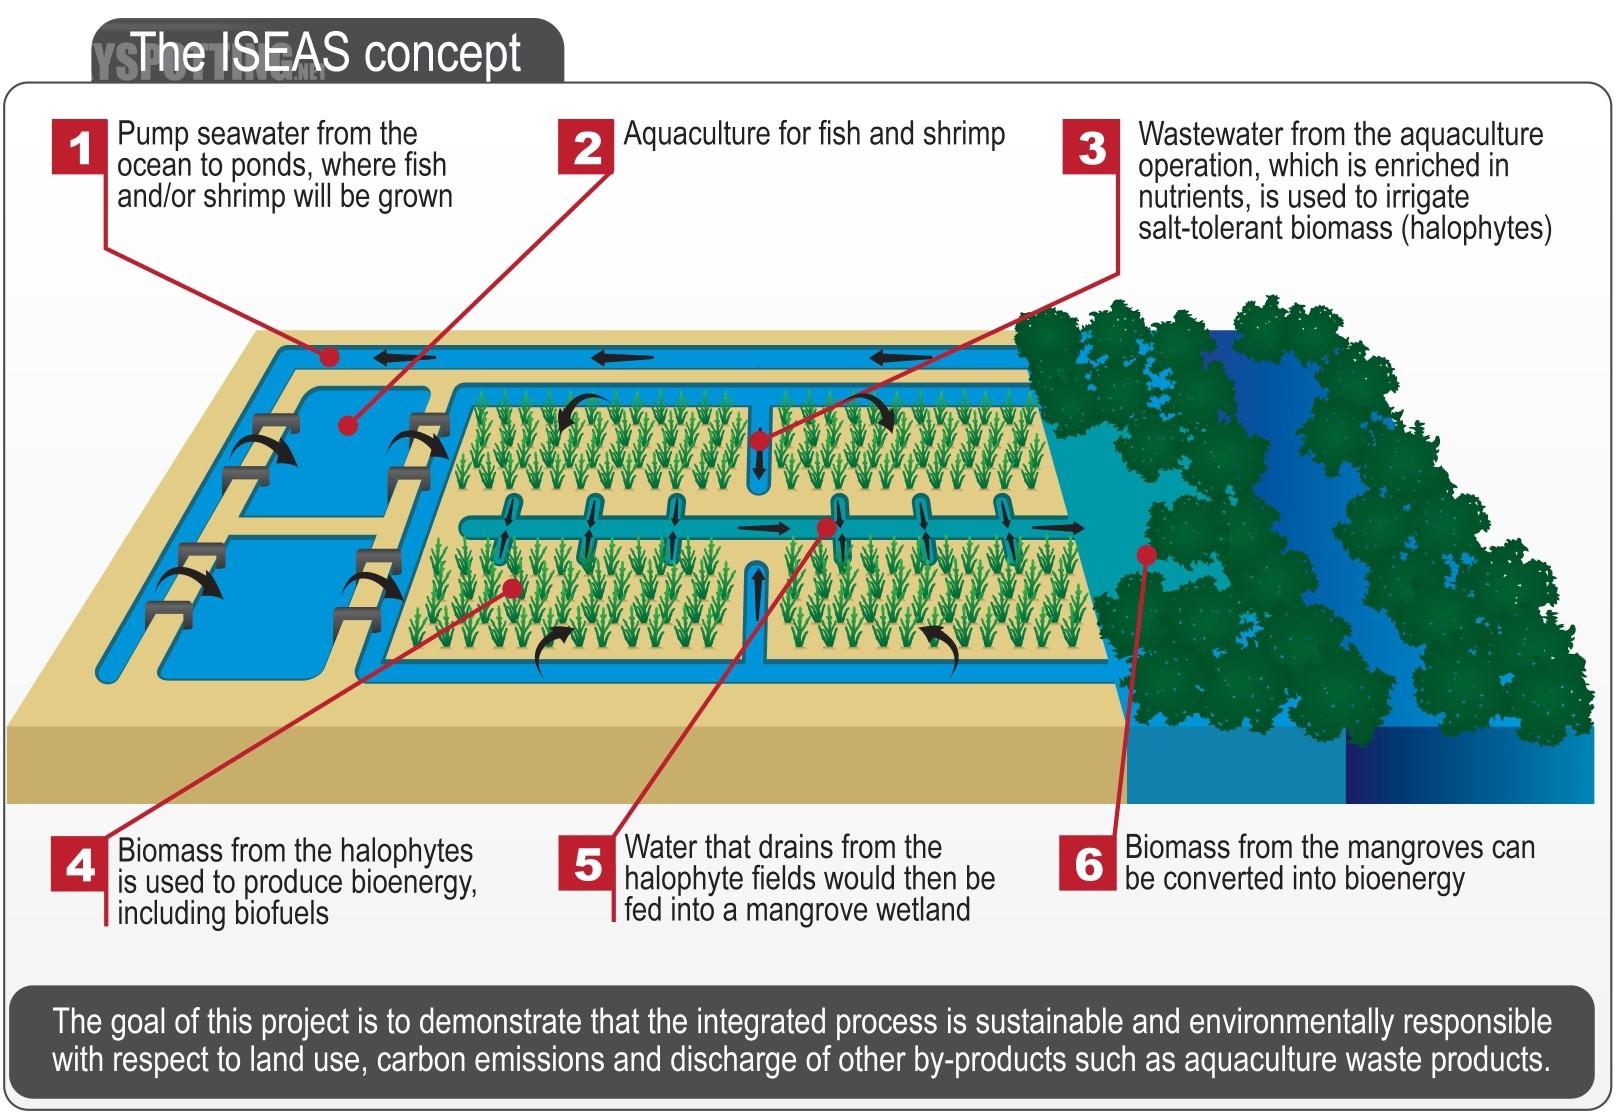 Boeing i Zjednoczone Emiraty Arabskie chcą pozyskiwać biopaliwo z roślin pustynnych